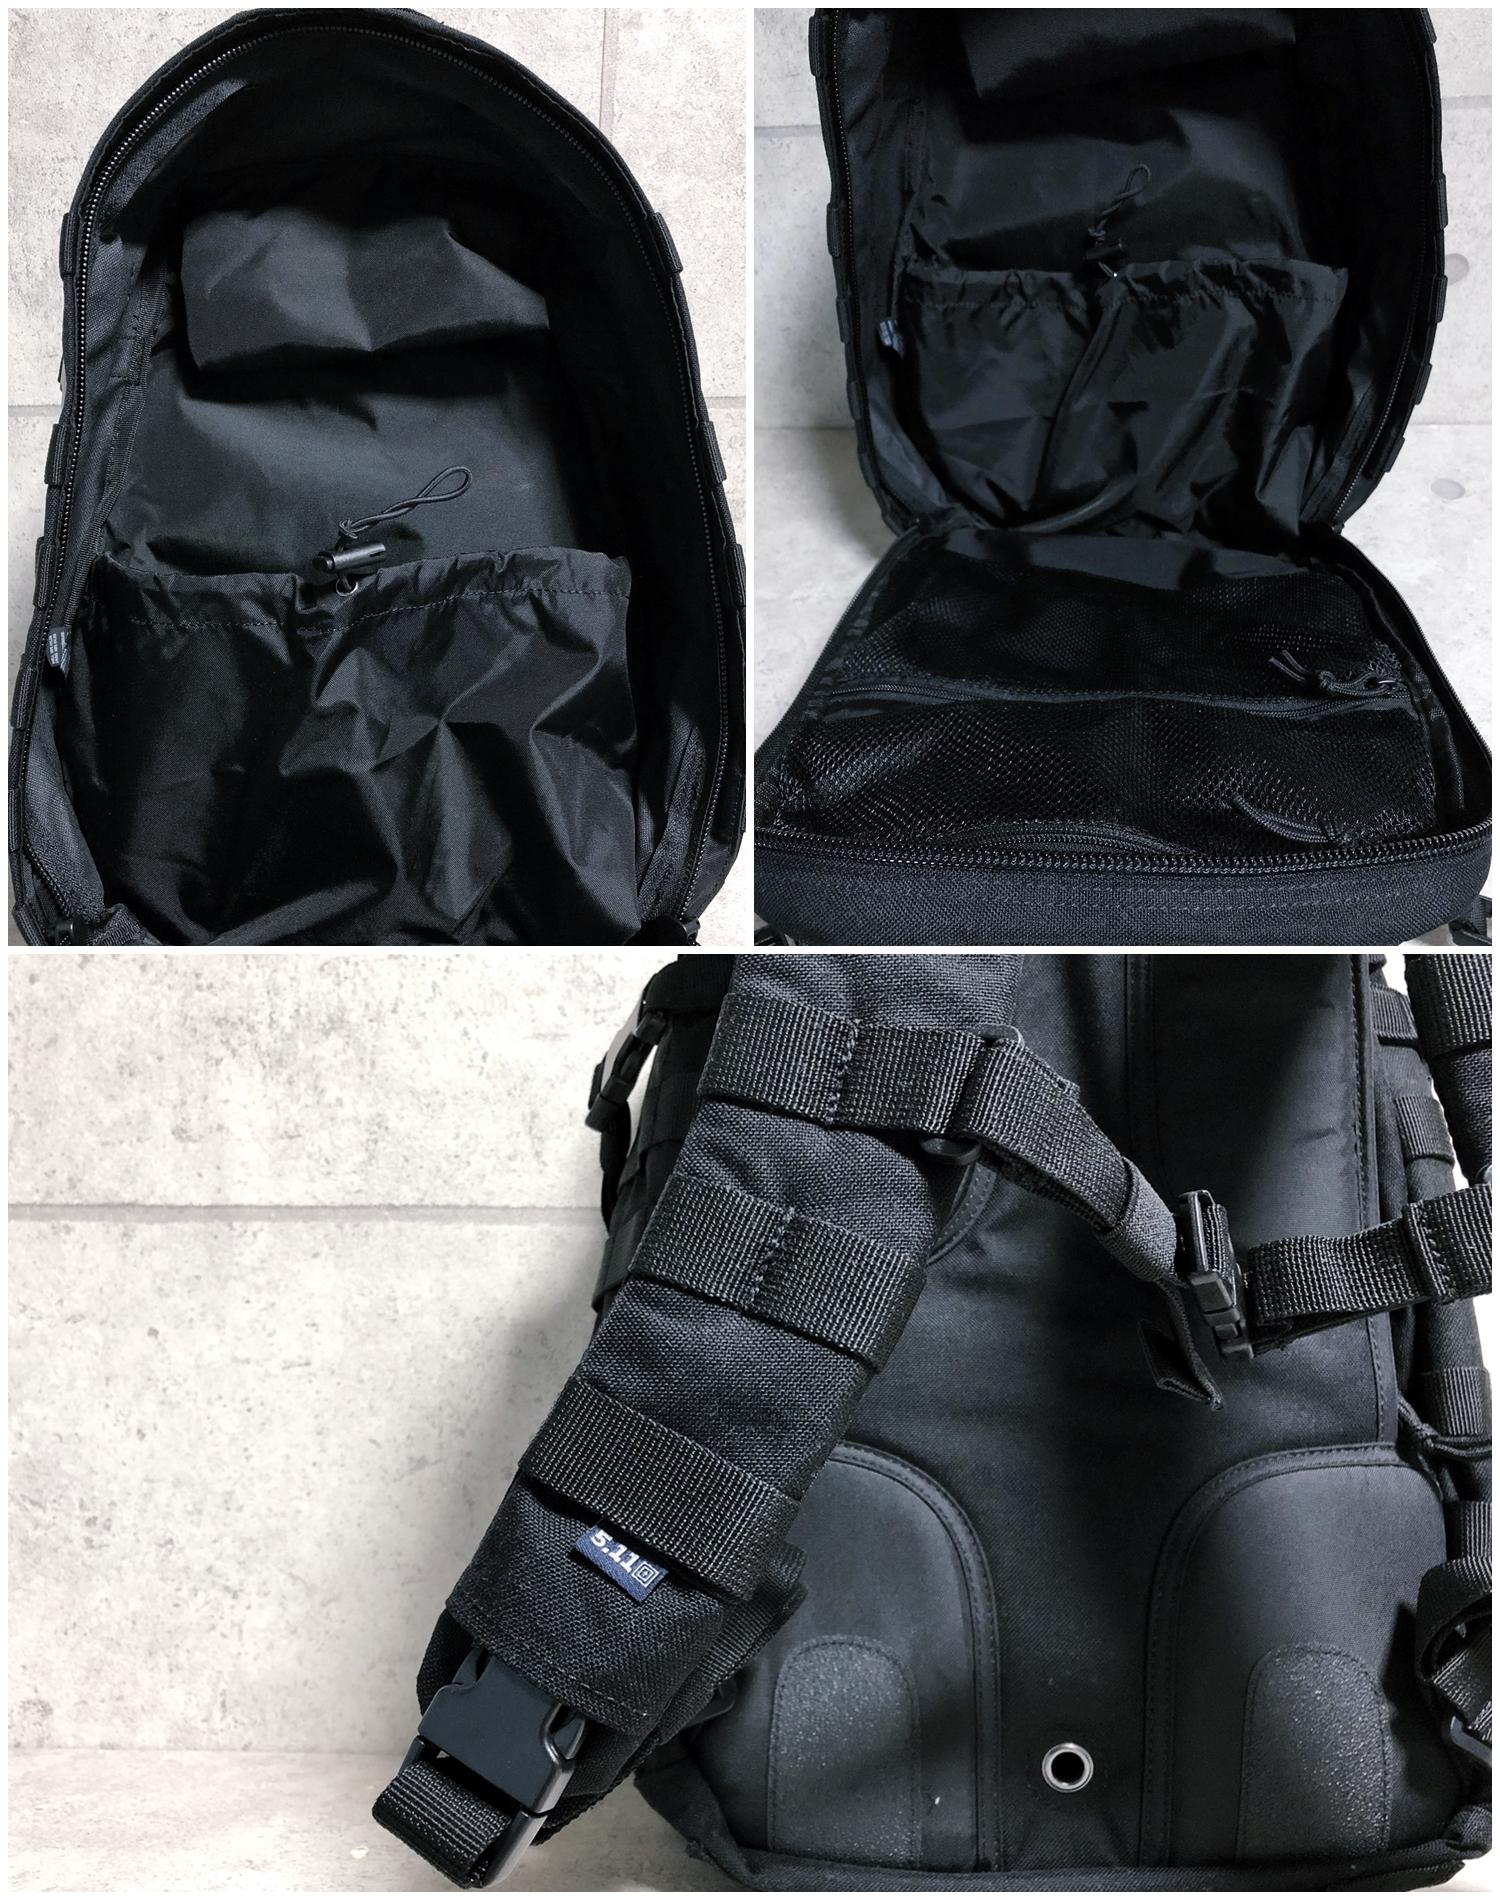 10 実物 511 Tactical RUSH 12 BACKPACK CUSTOM!! ライフルケース・ストラップシステム・ポーチ・ワッペン・ITW TAC LINKなど!! ファイブイレブン タクティカル ラッシュ バックパック カスタム!! 購入 取付 レビュ